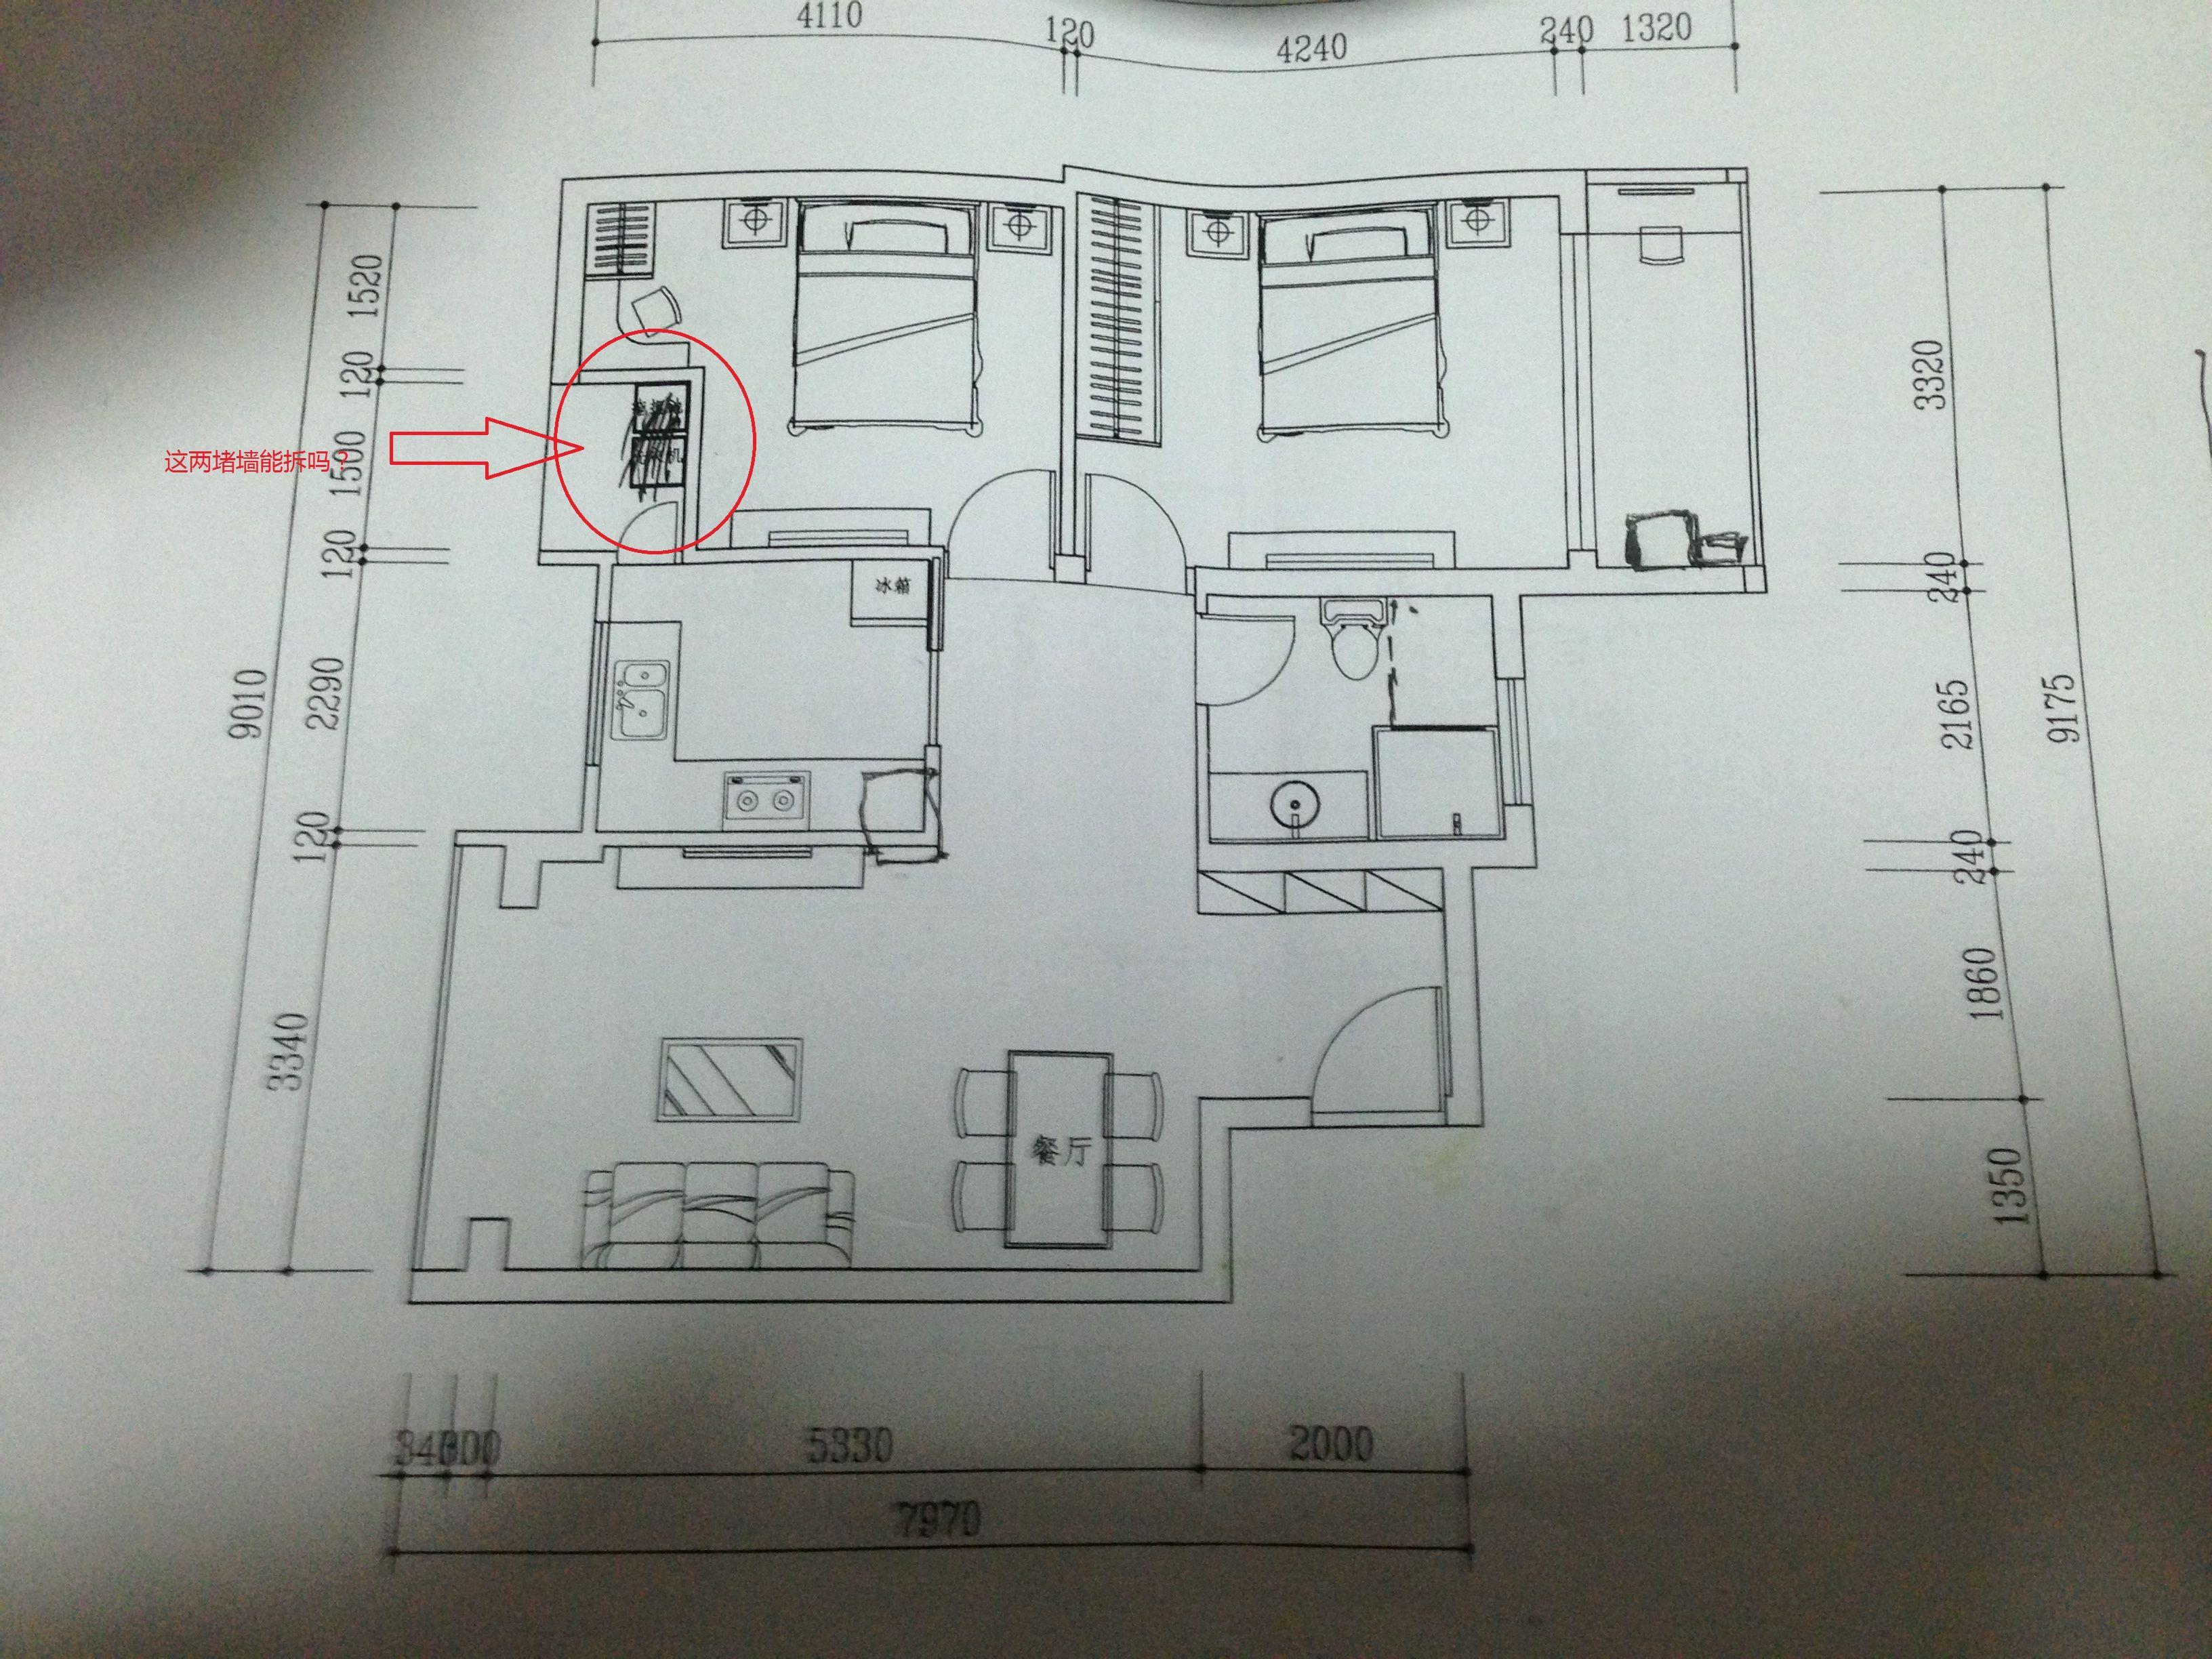 房屋结构图,请问这两堵墙能拆吗?